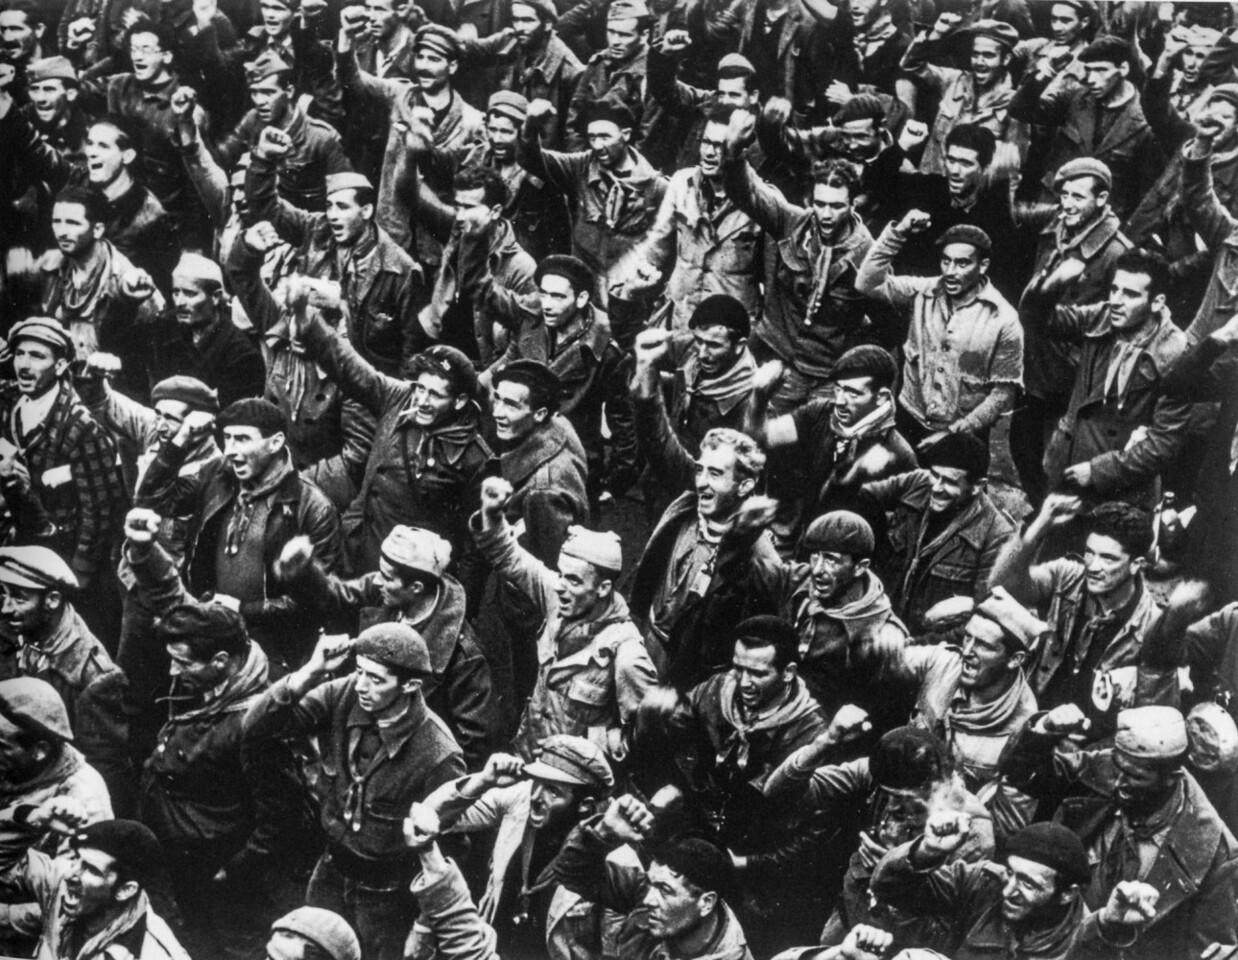 80 años de la Guerra Civil Española desde el lente de Robert Capa (10)